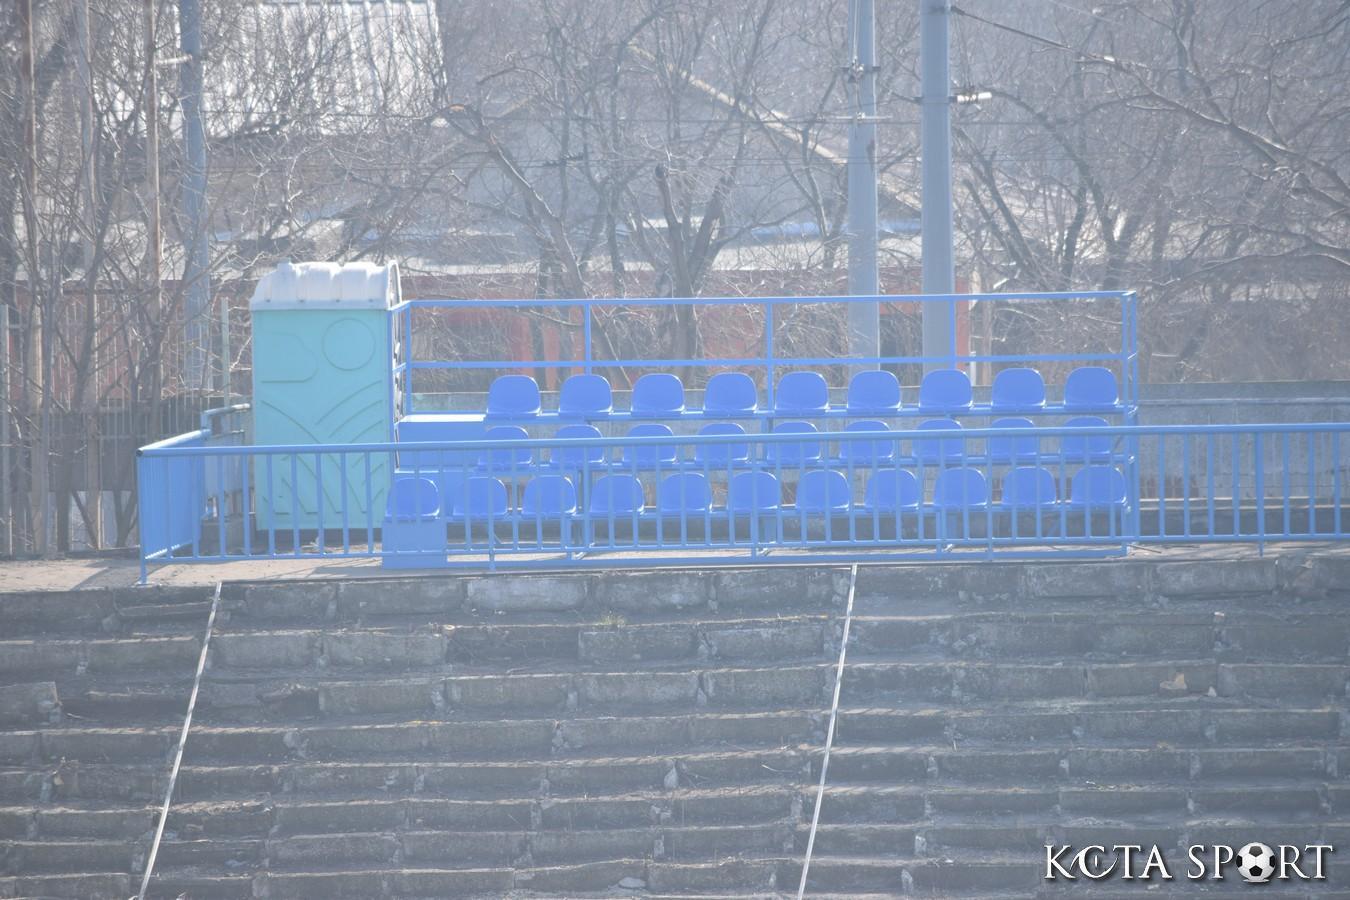 stadion chernomoretz 21